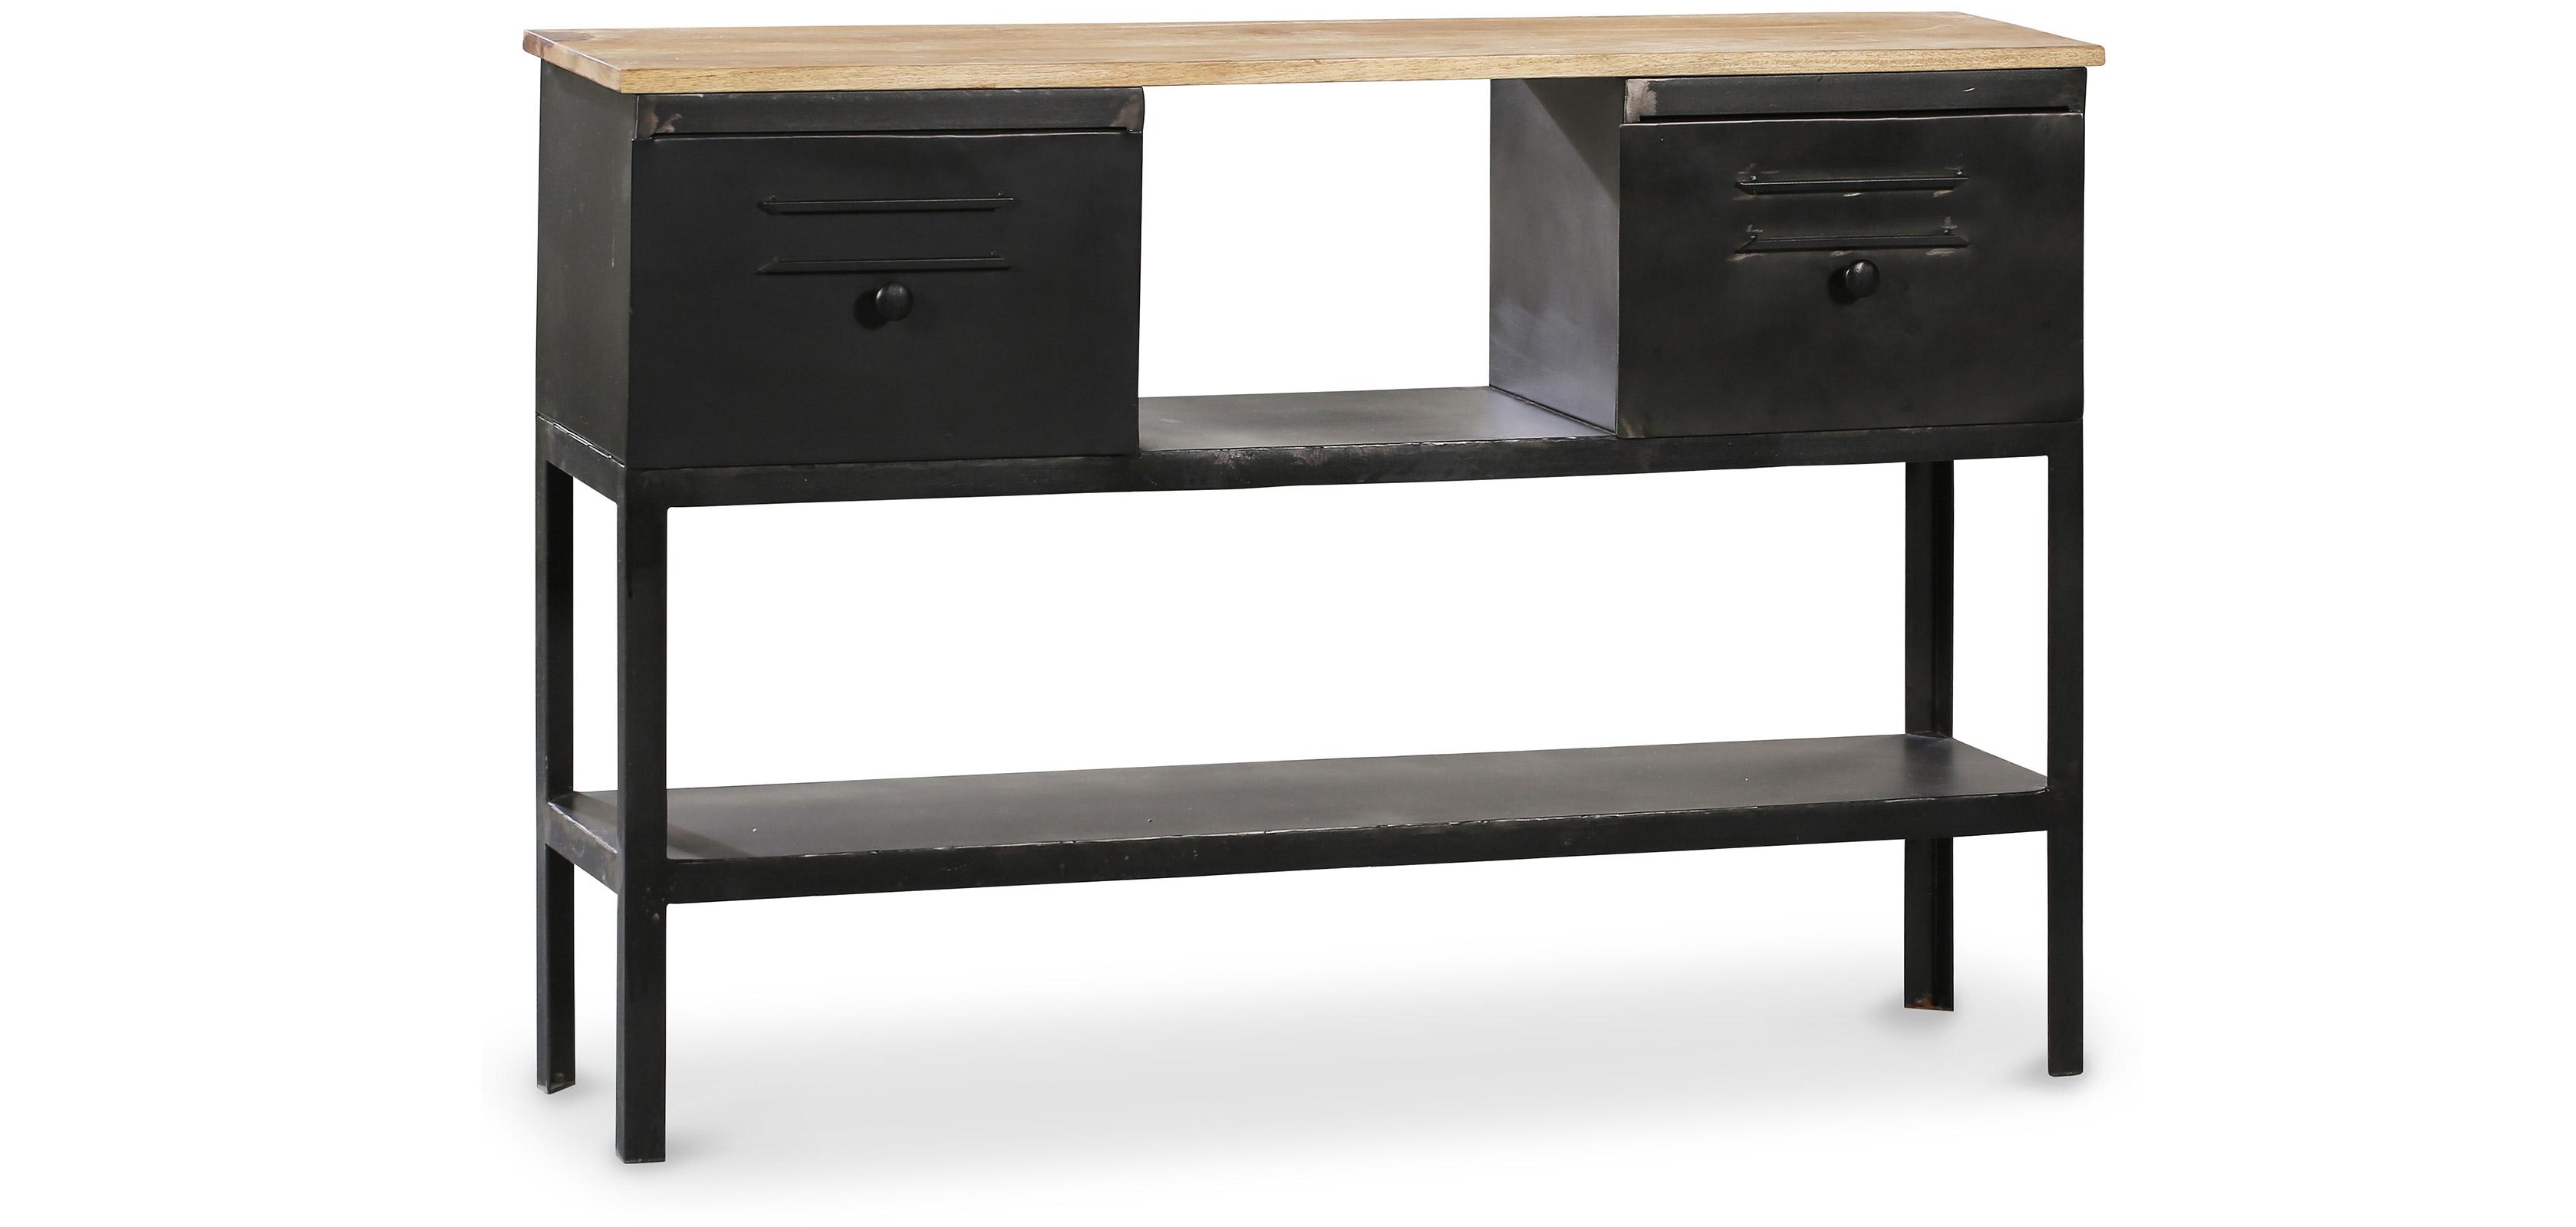 console profondeur 30 cm elegant meuble de cuisine profondeur cm meuble dentre avec tiroirs. Black Bedroom Furniture Sets. Home Design Ideas